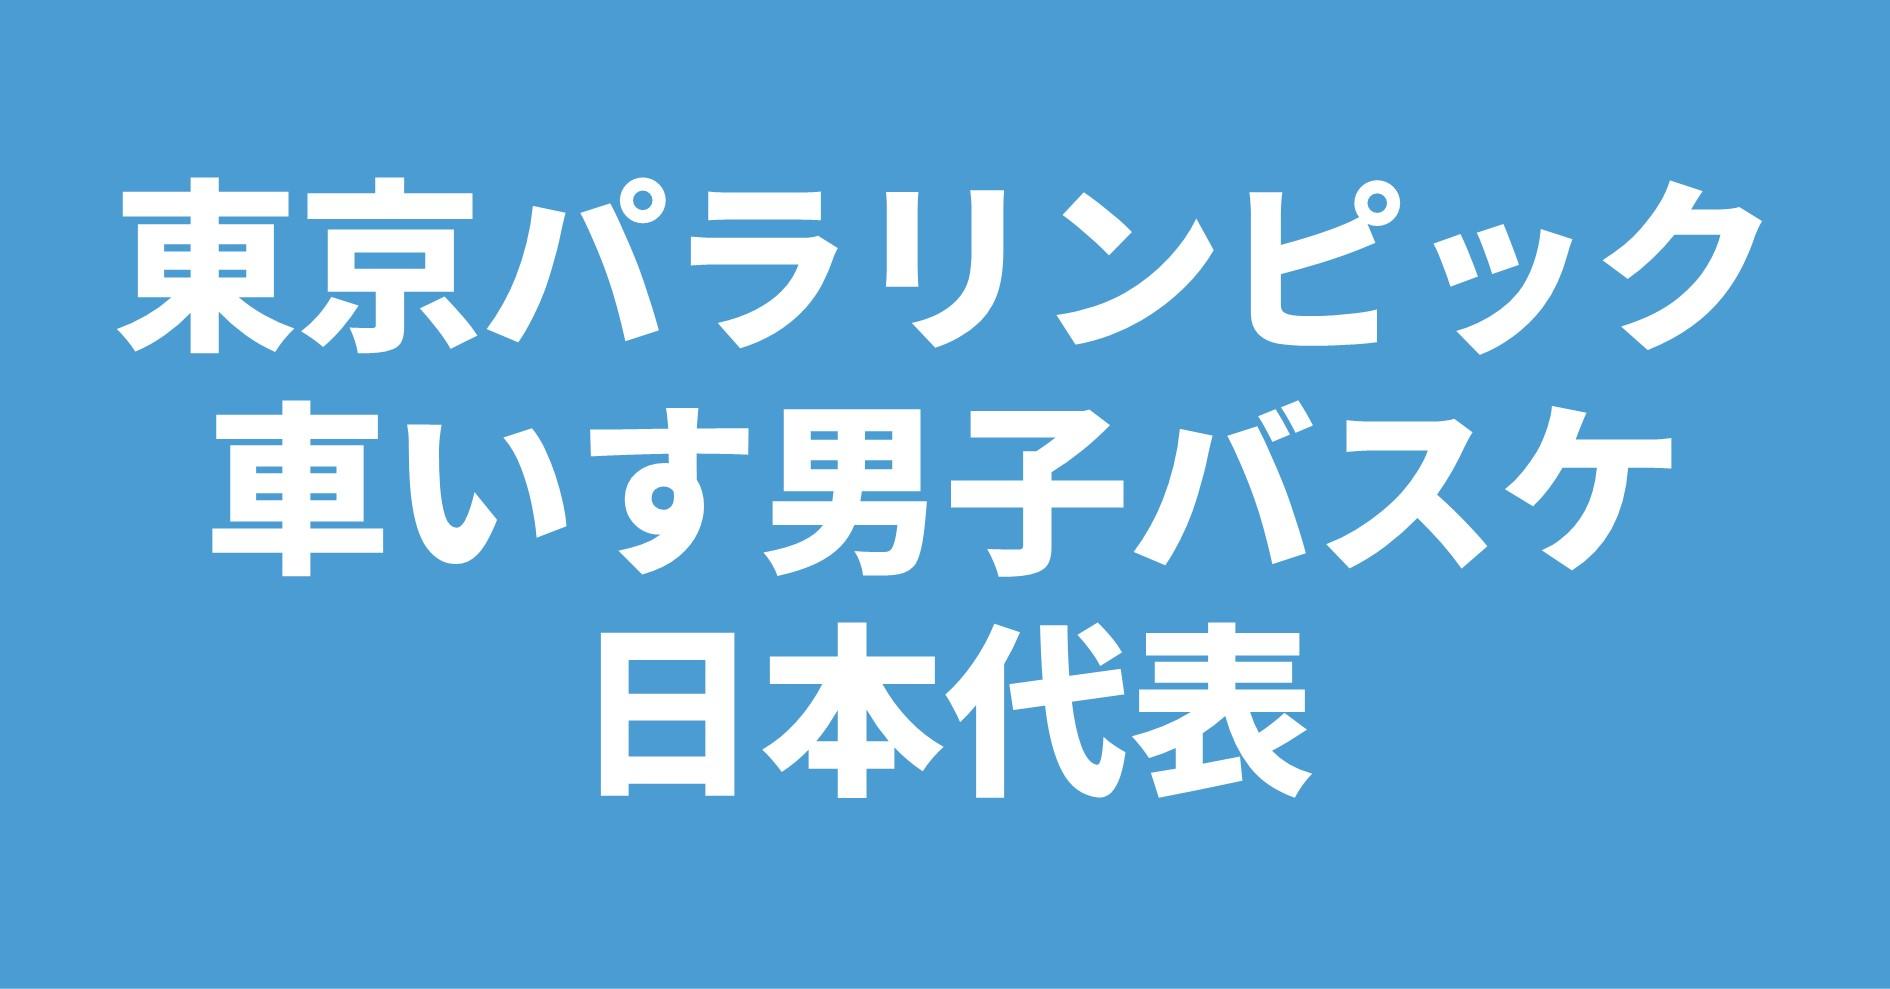 東京パラリンピック車いす男子バスケ日本代表